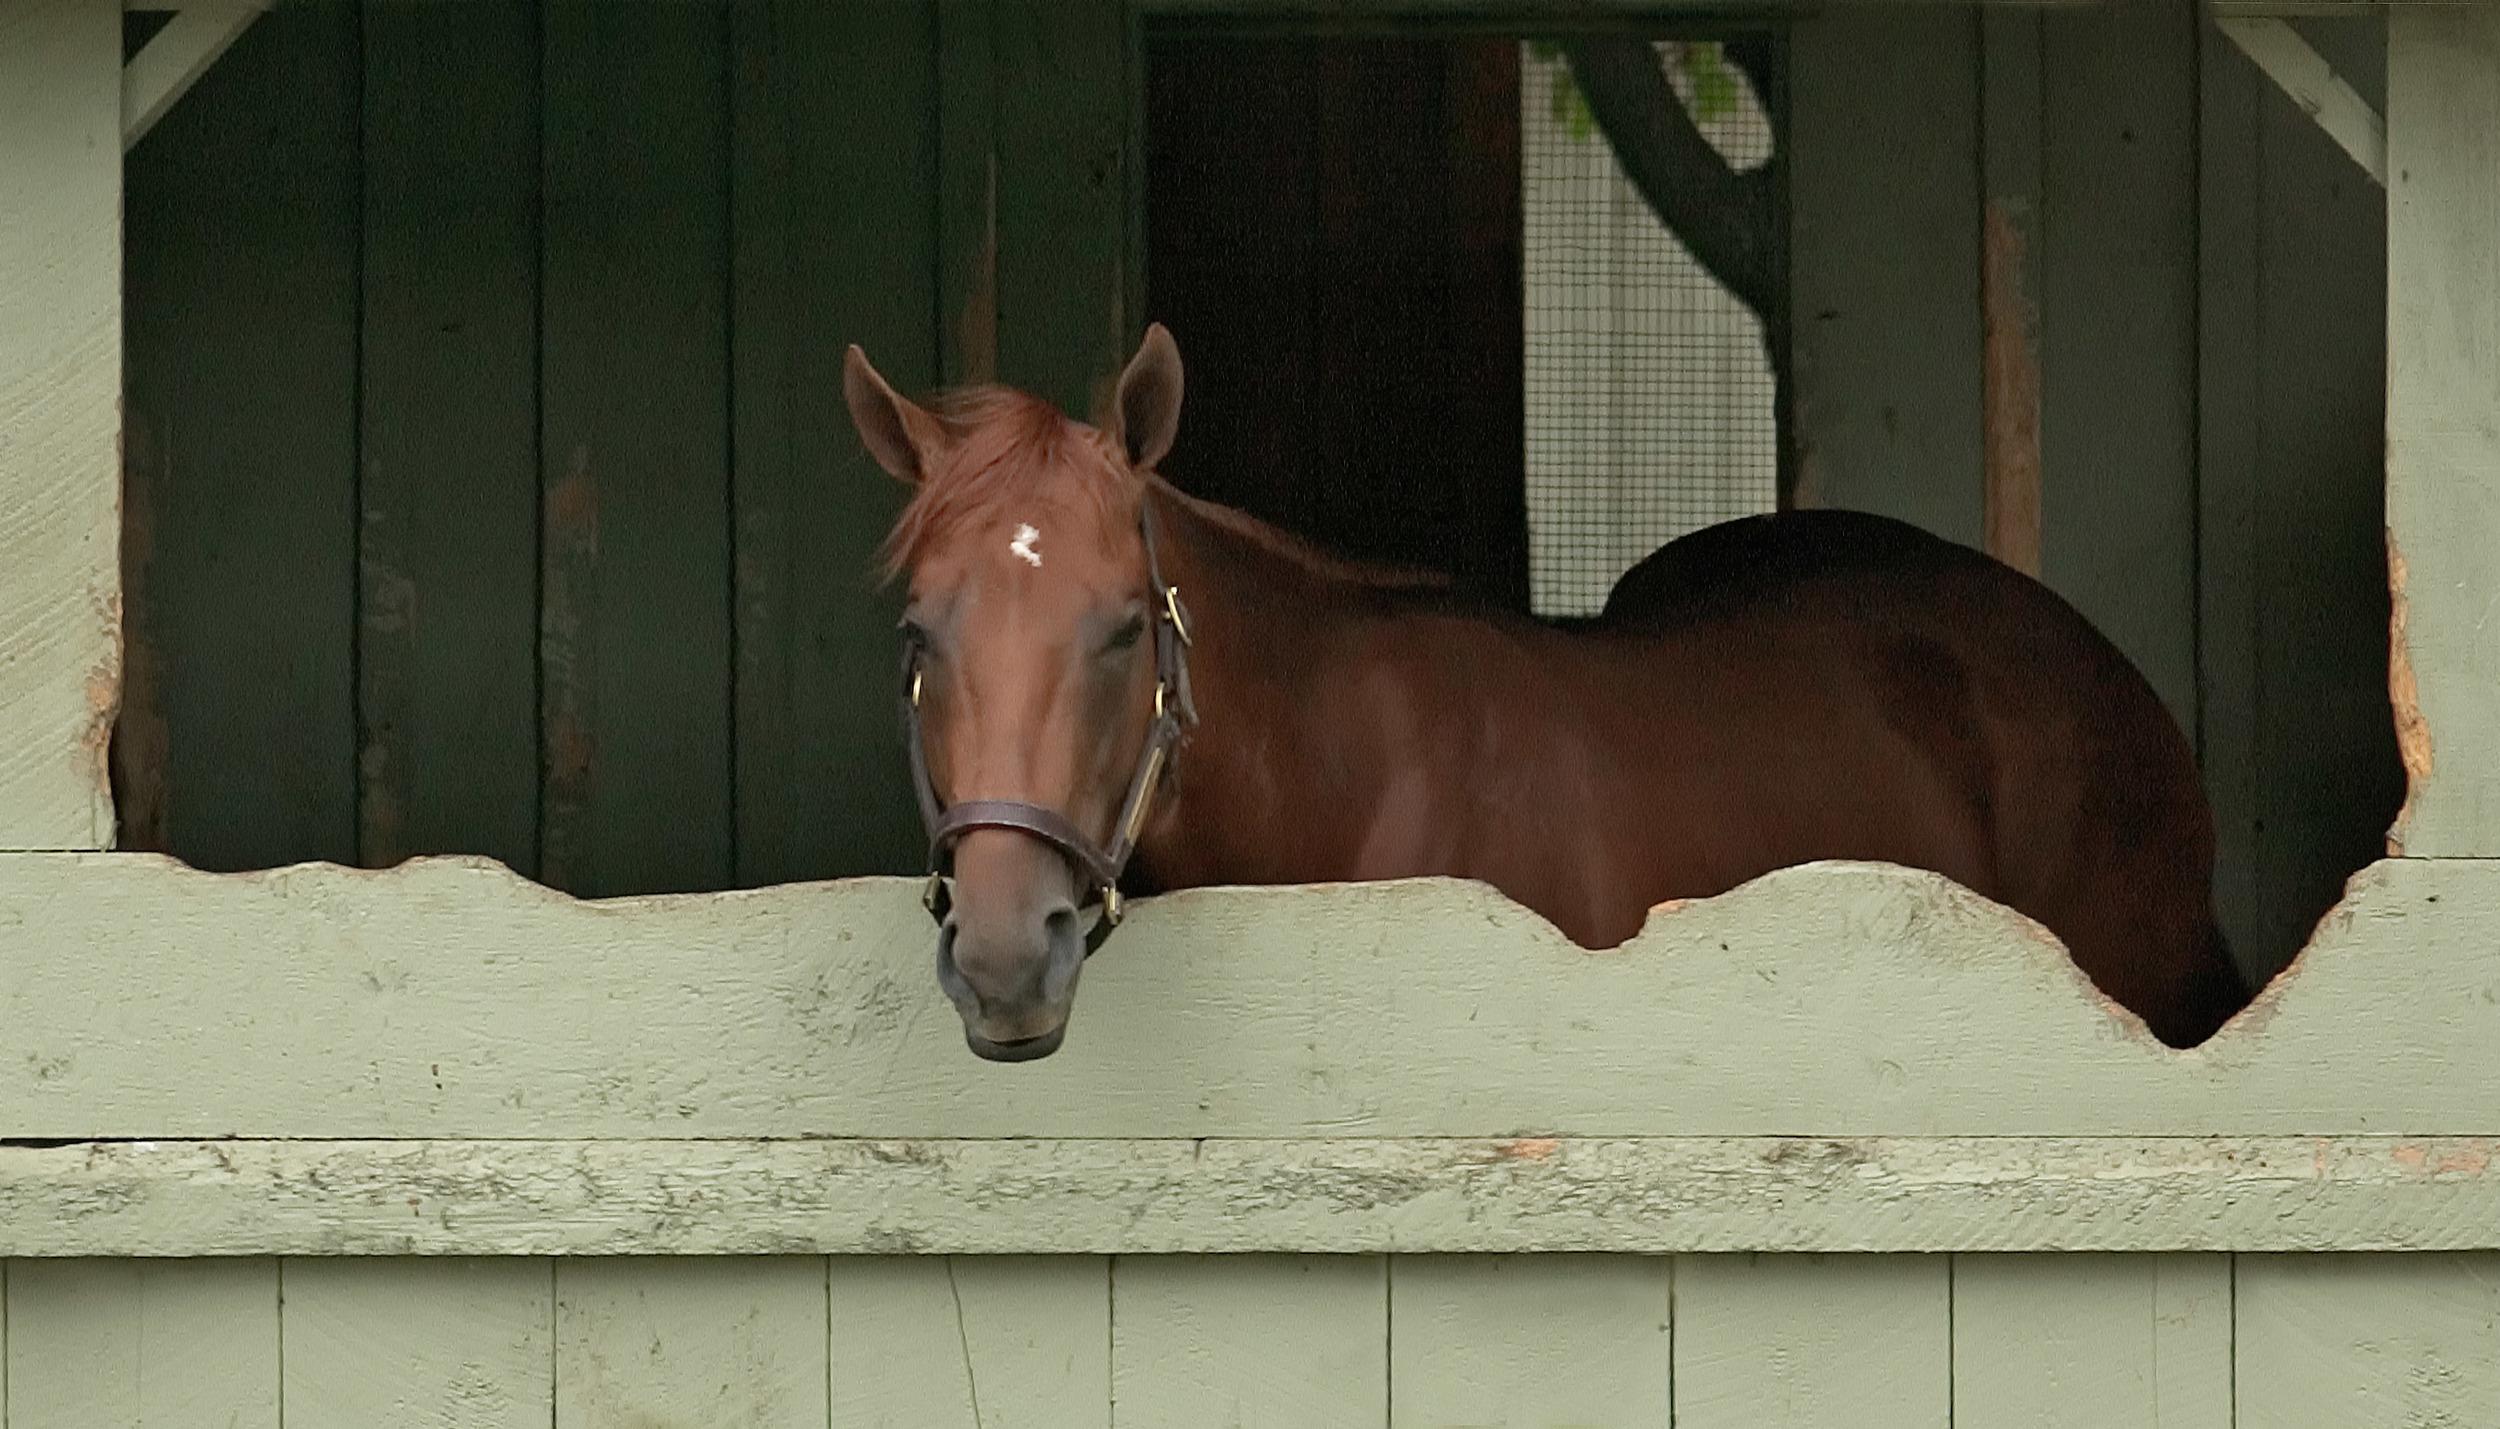 Horse in Stall.jpg